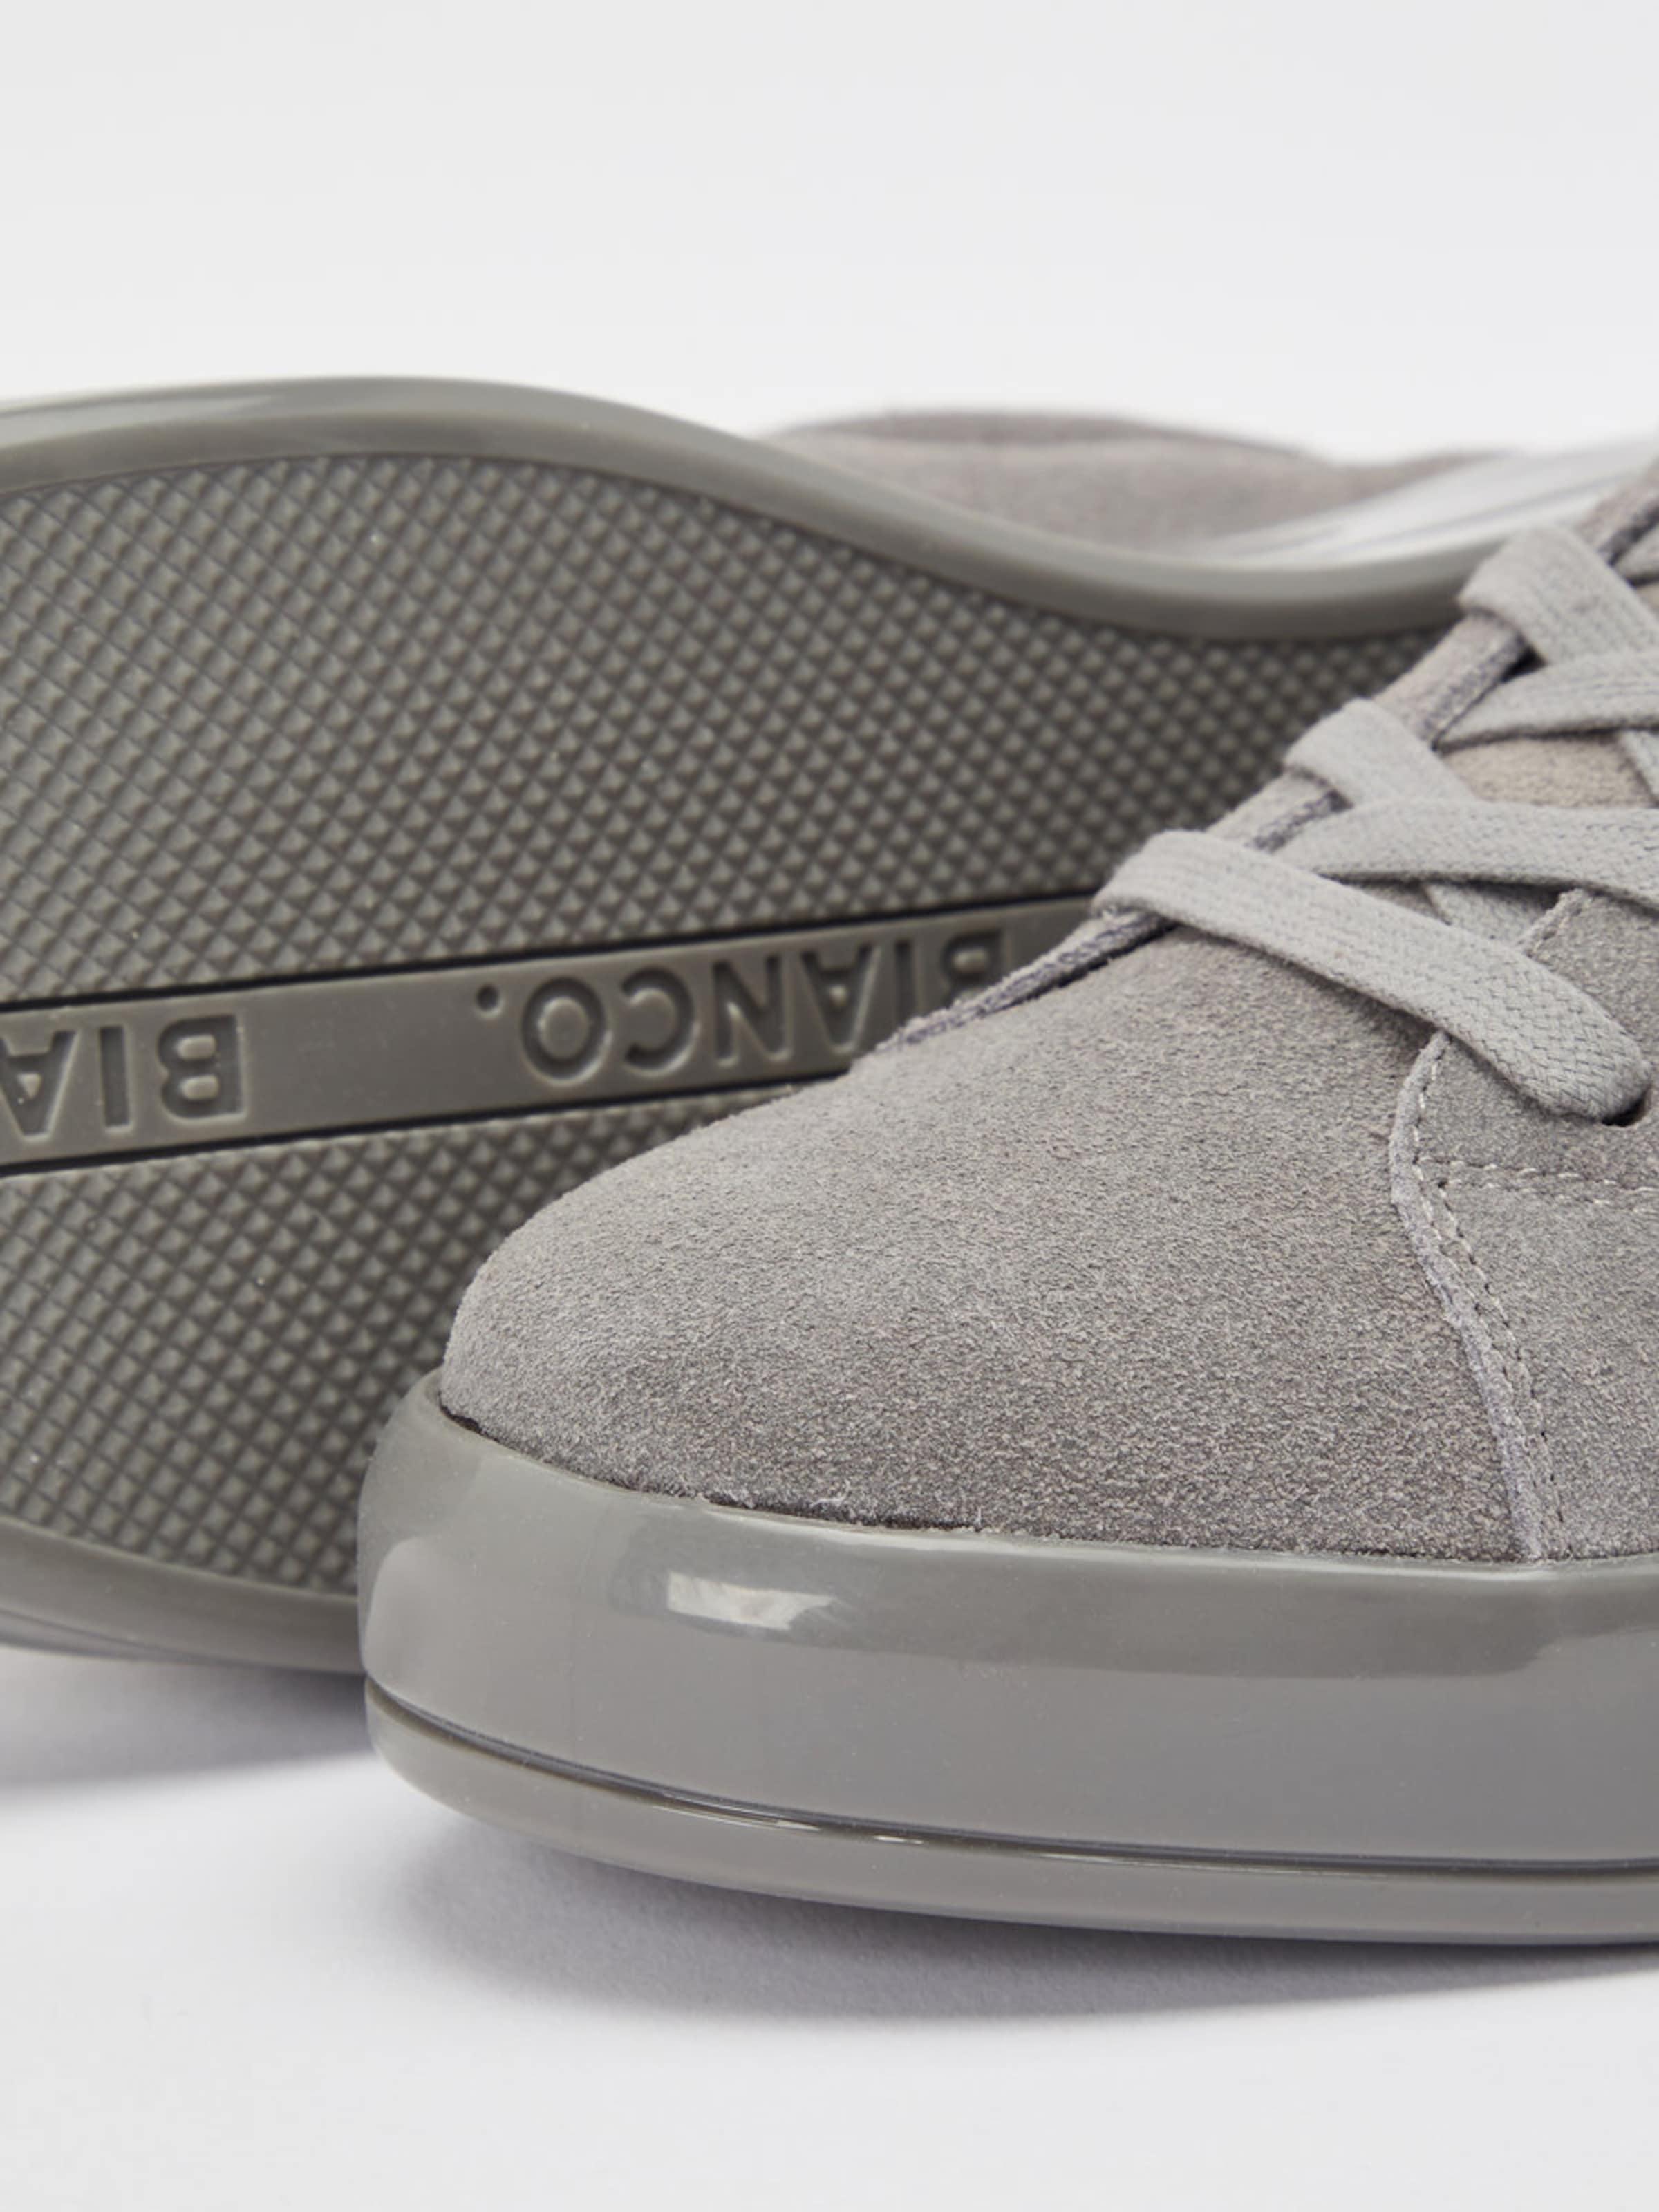 Bianco Geschnürte Leder Sneaker Niedrigster Preis Günstig Online Günstig Kaufen Klassisch Visa-Zahlung 8eDUAzr